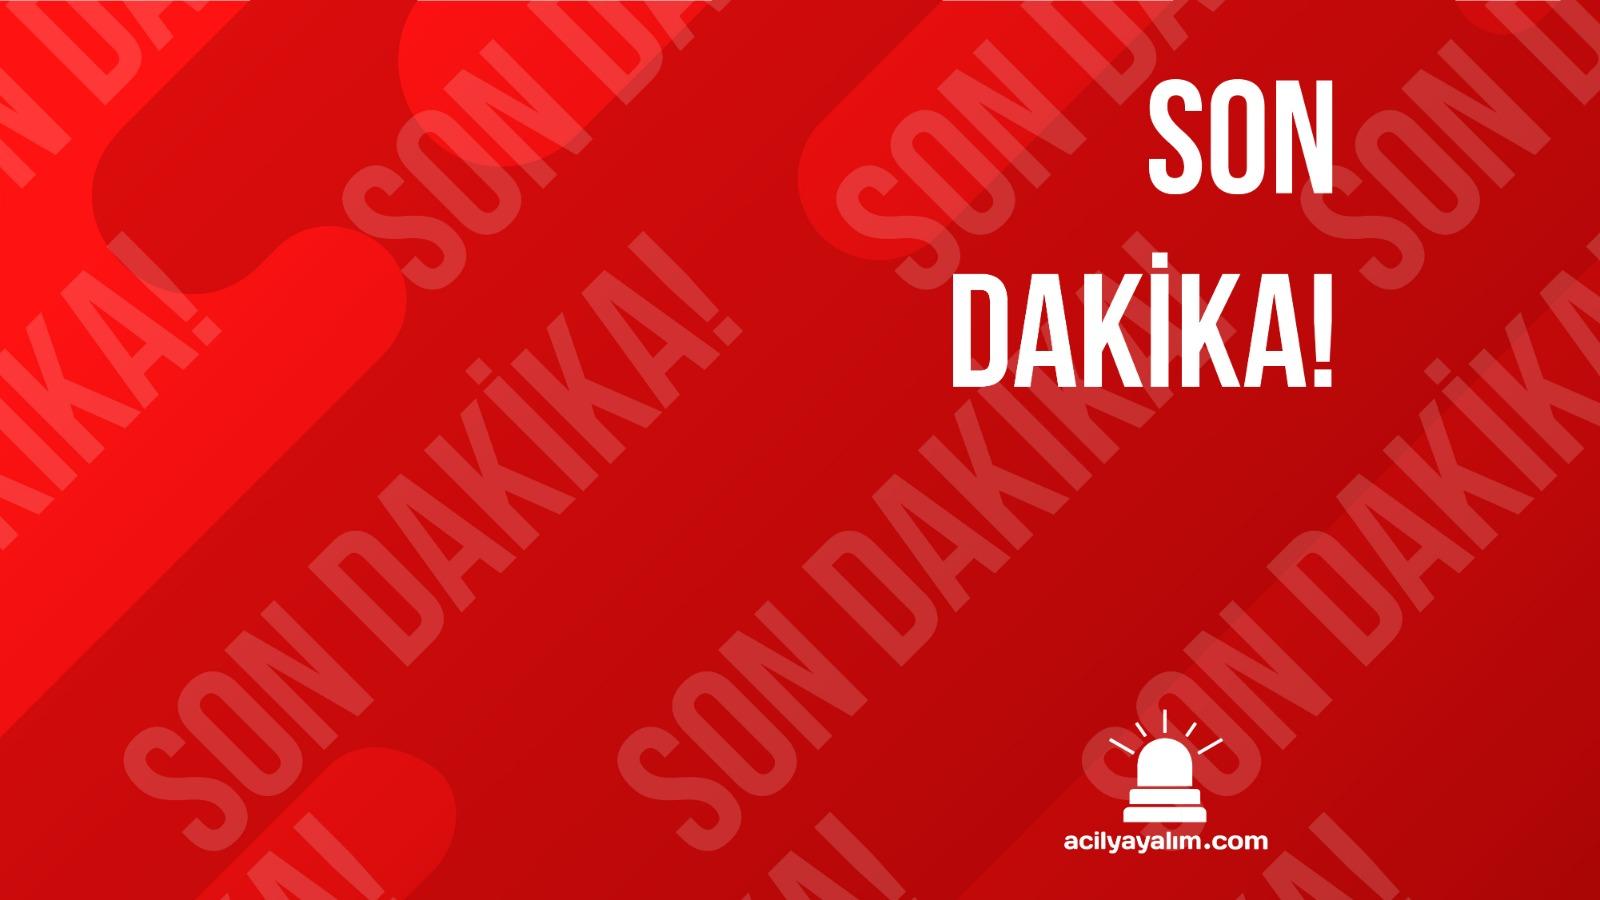 """Cumhurbaşkanı Erdoğan, kendisine """"diktatör"""" dediği için CHP Grup Başkanvekili Özgür Özel'e tazminat davası açtı."""